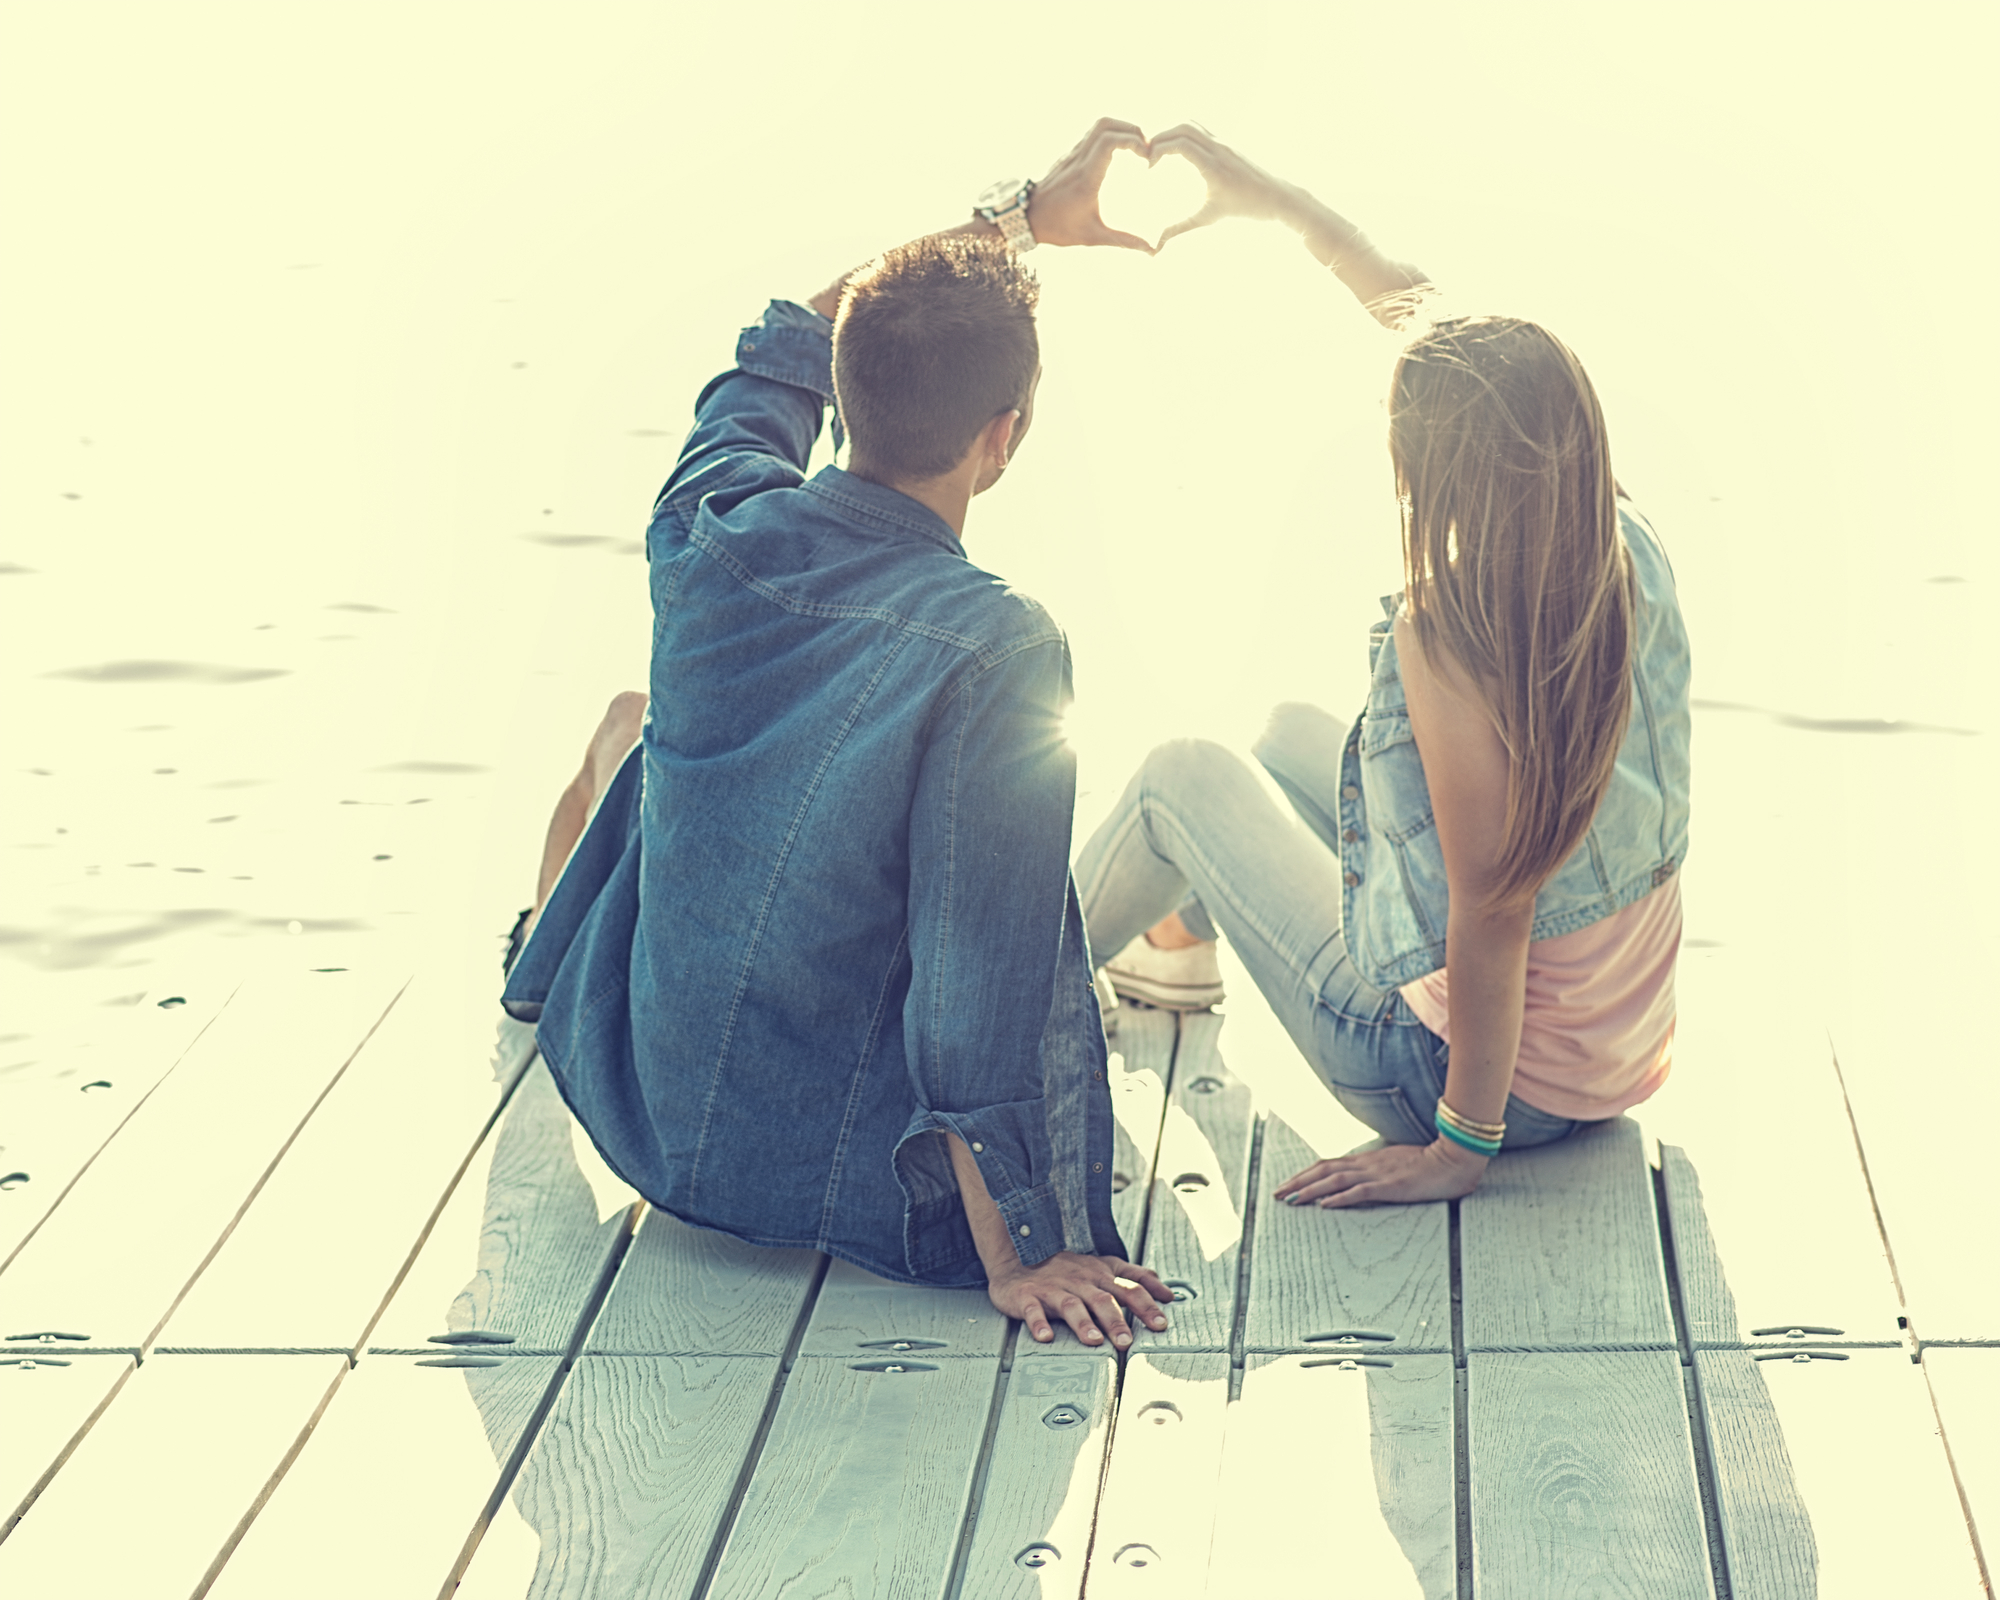 napfenyben sutkerezo szerelmespar szivet formaz a kezevel